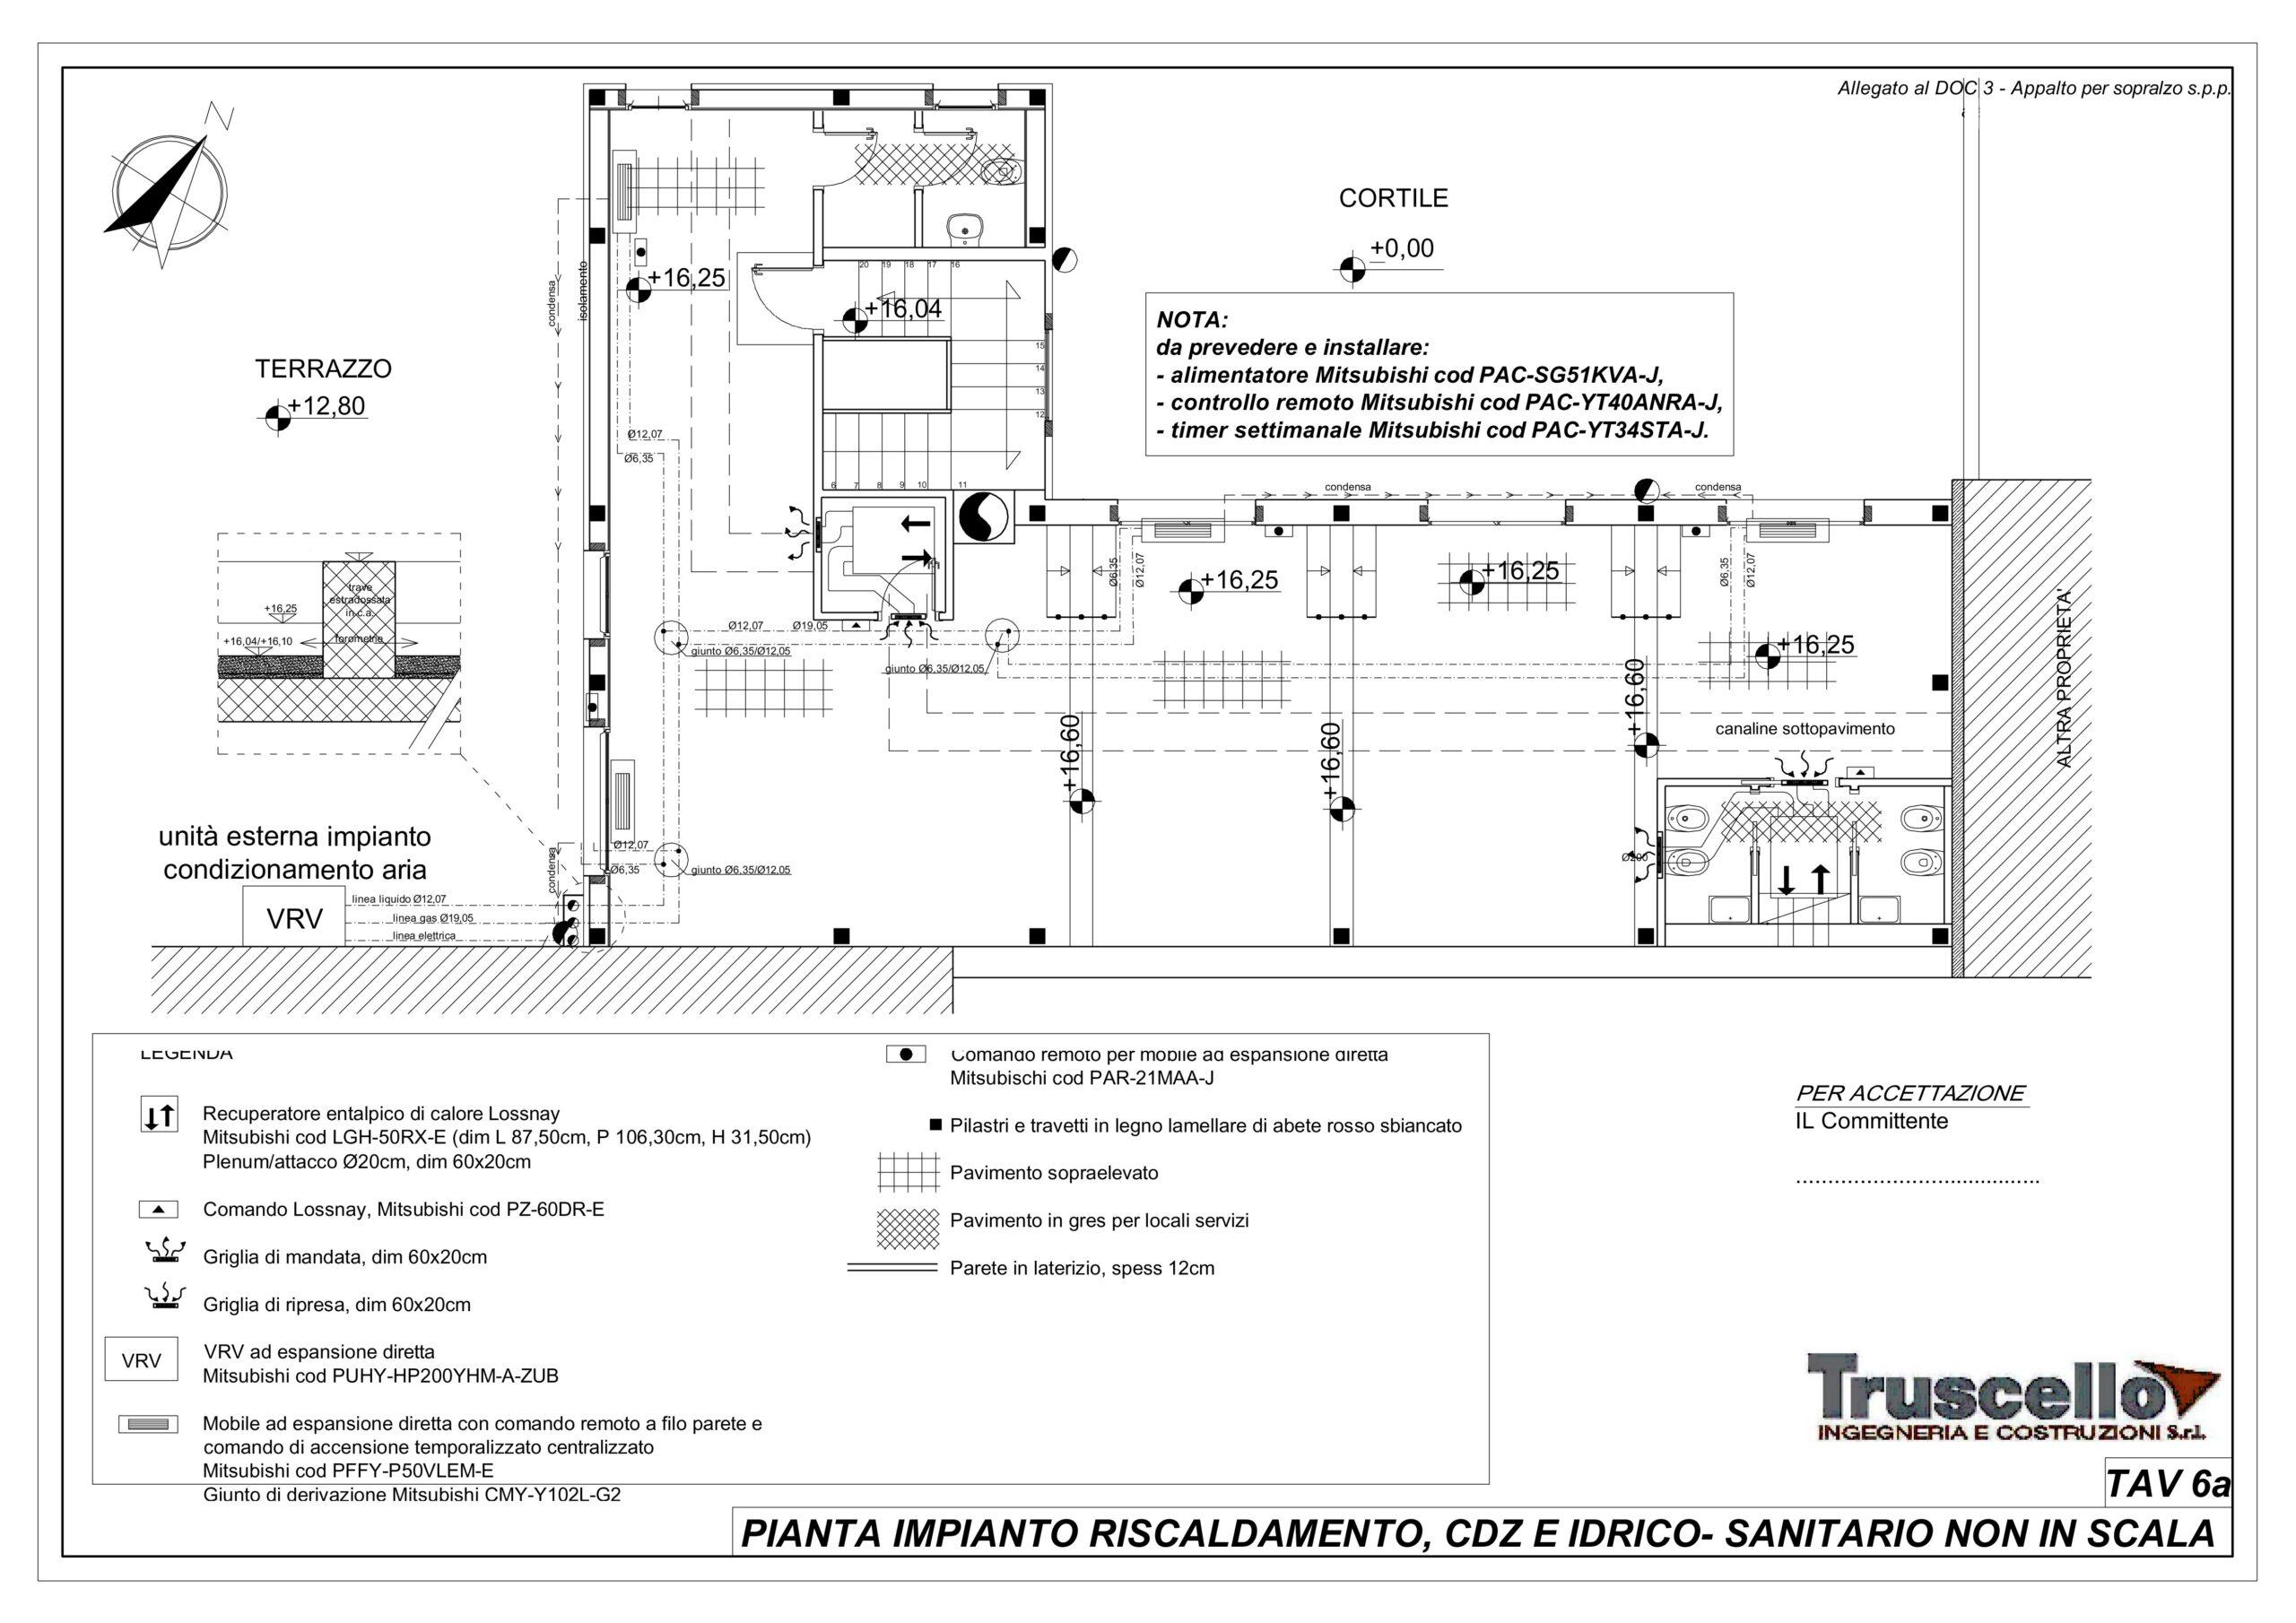 3. Elaborato grafico esecutivo di pianta impianto di condizionamento, riscaldamento ed idrico-sanitario: stato di progetto.